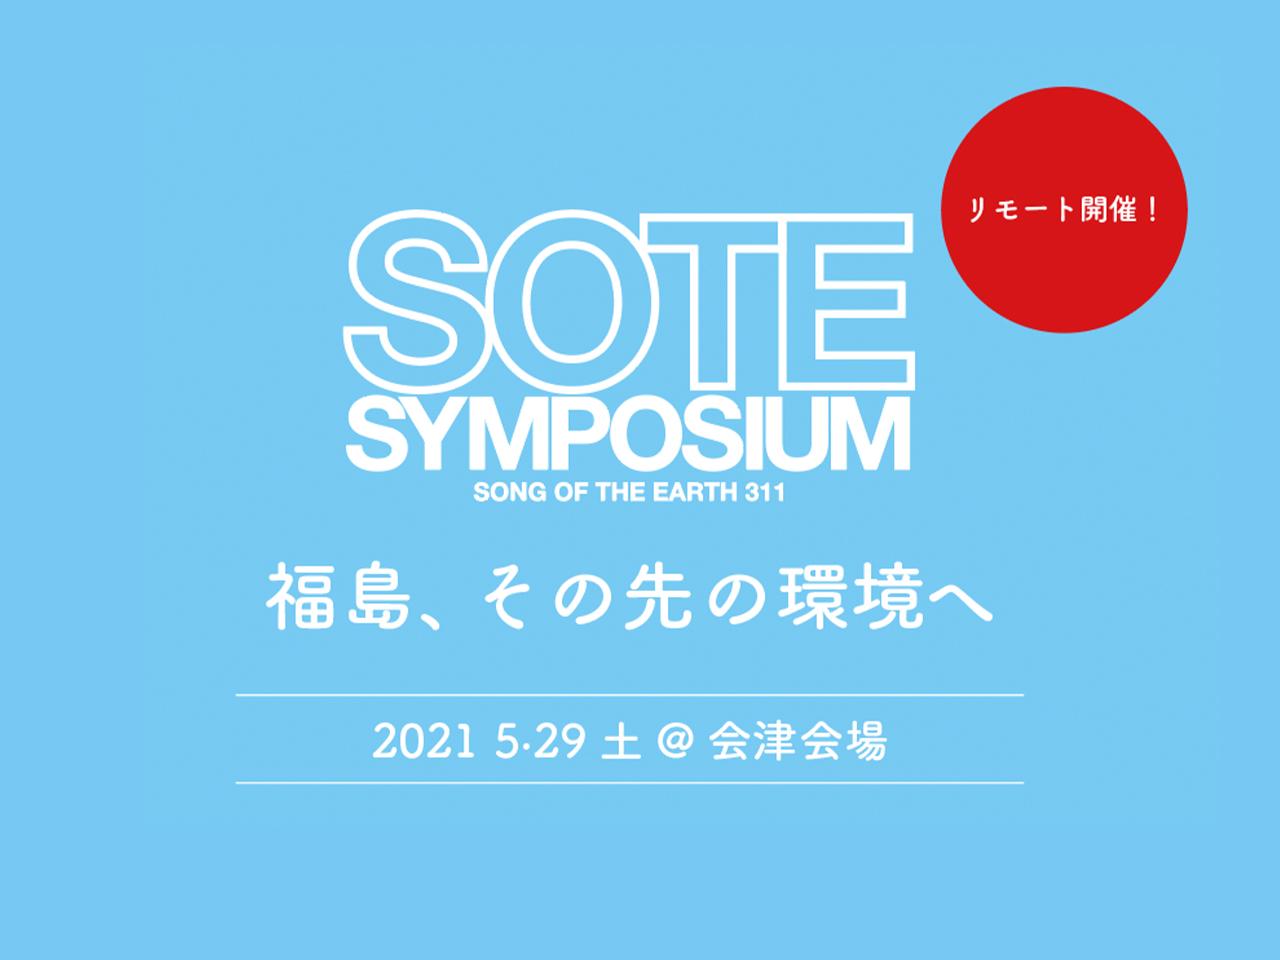 5/29(土)SOTEシンポジウム開催のお知らせ